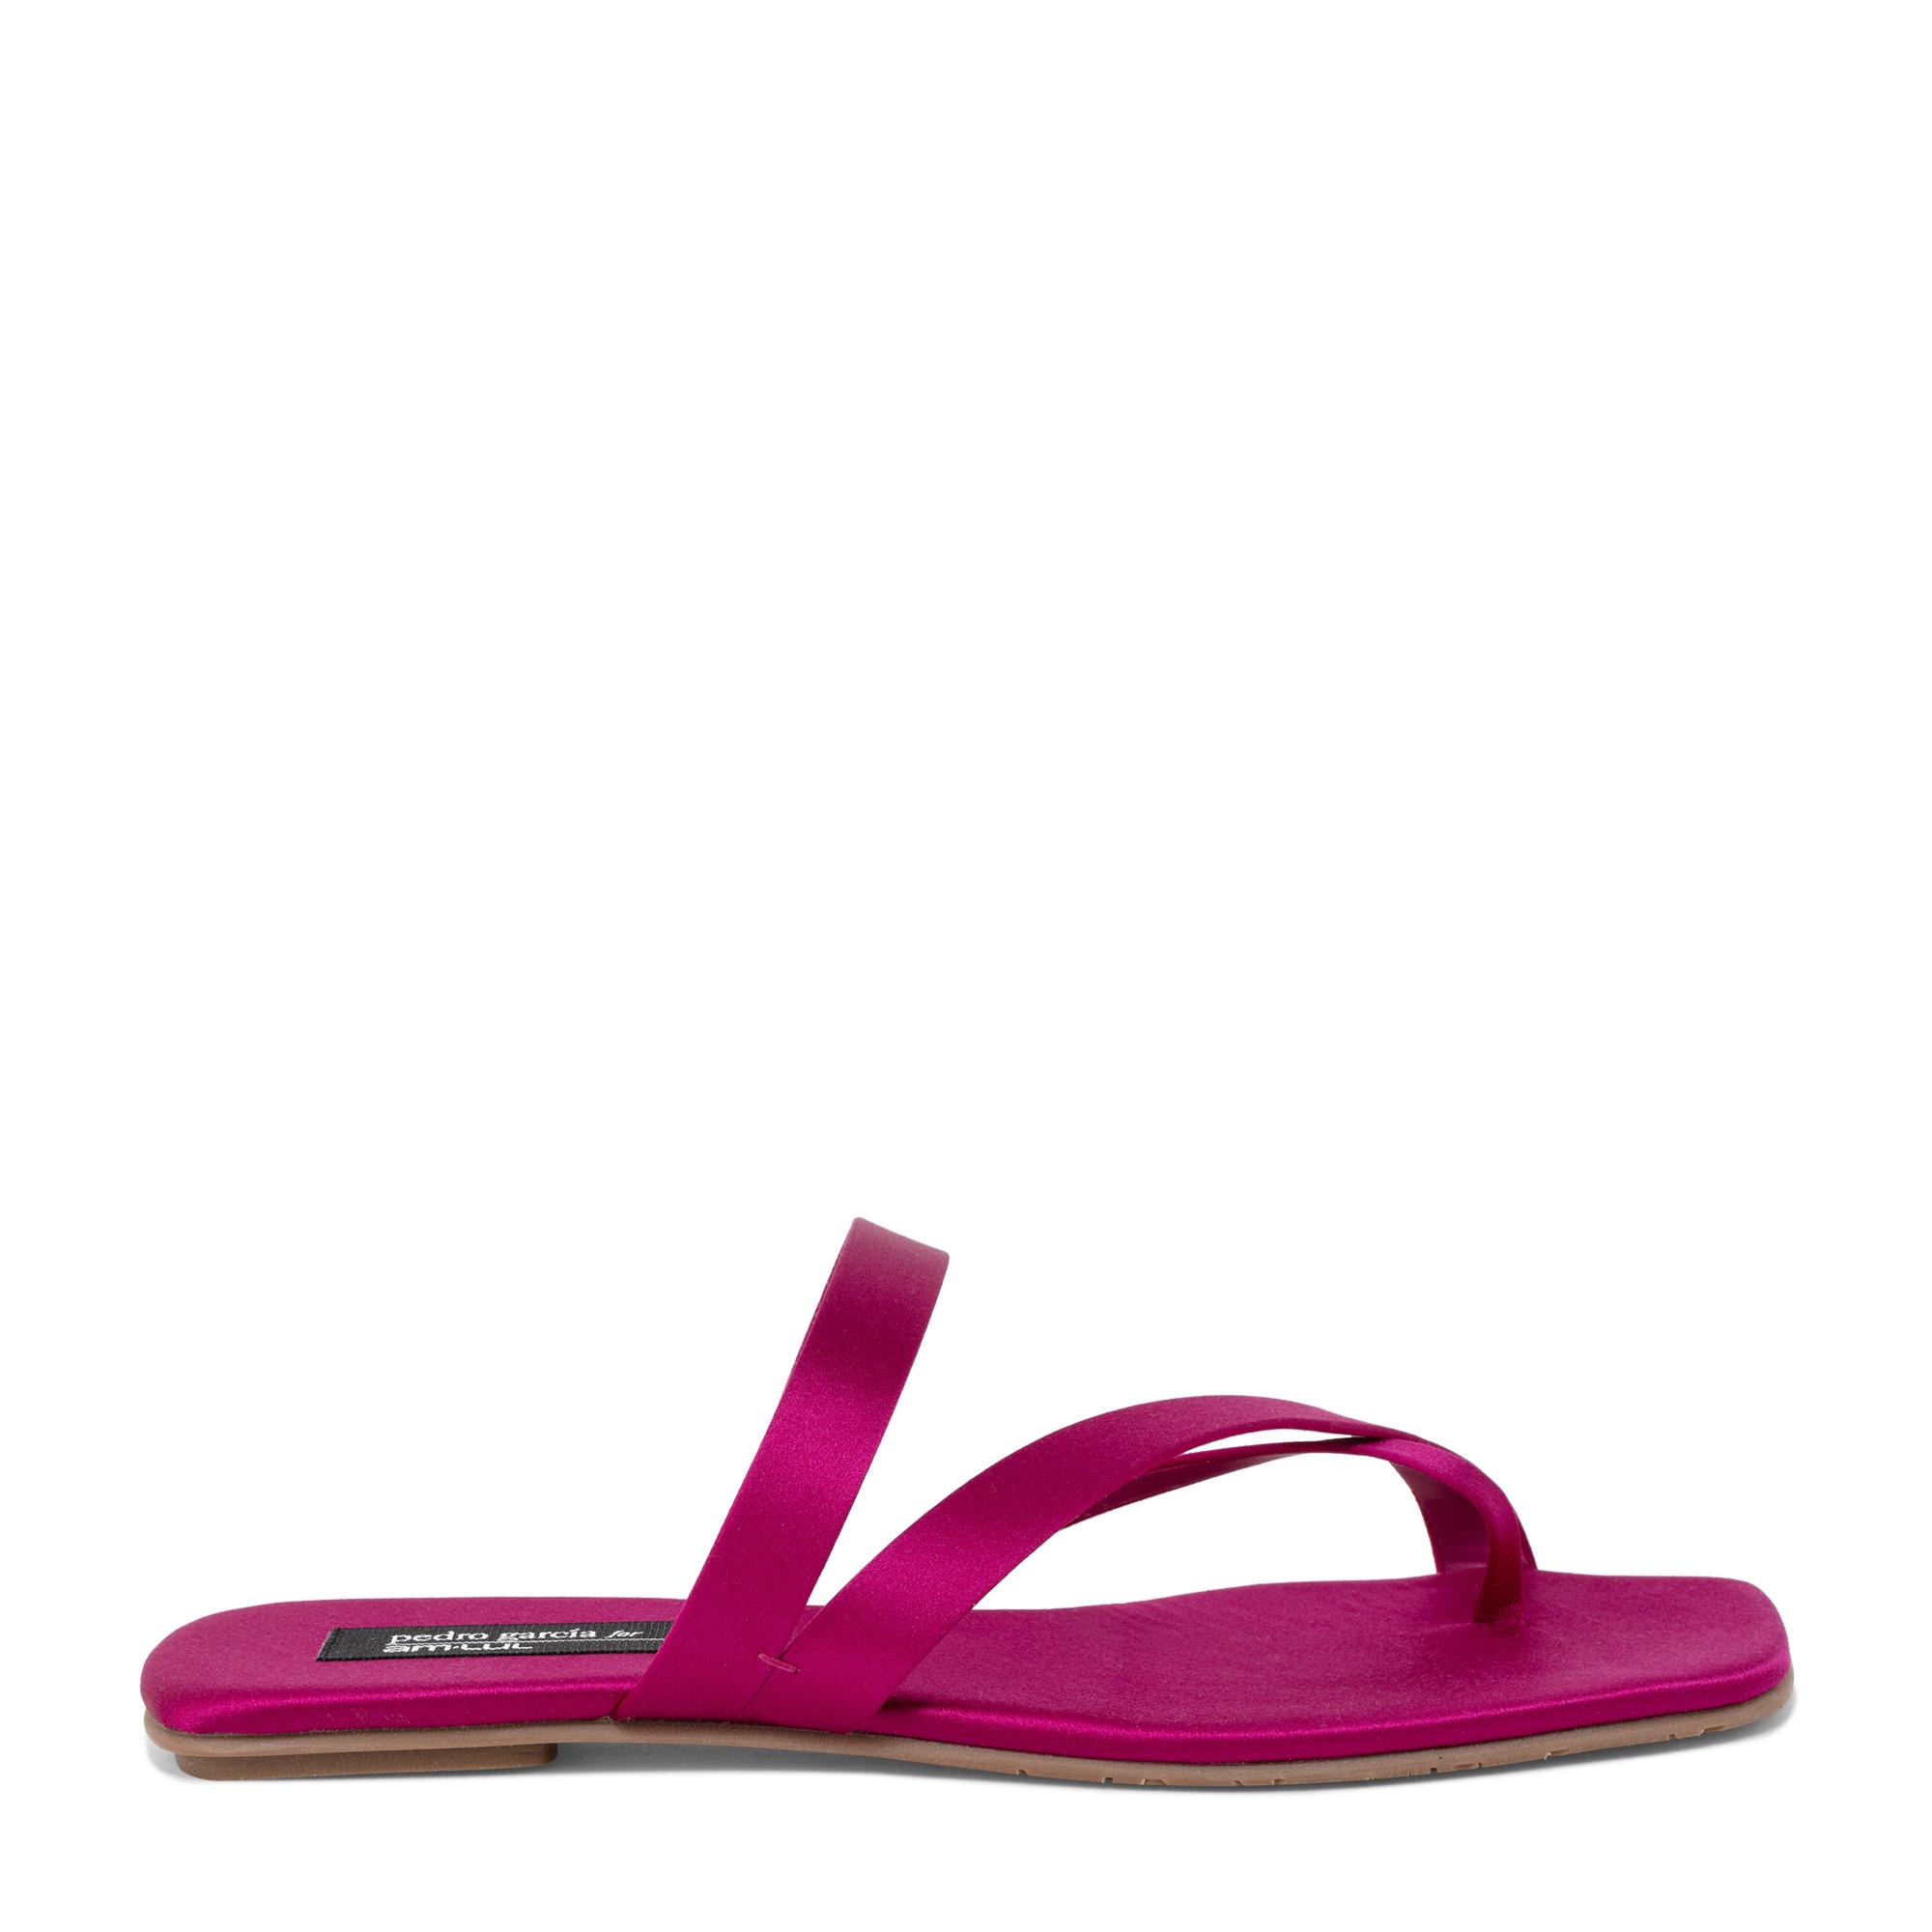 x Amlul Creus sandals